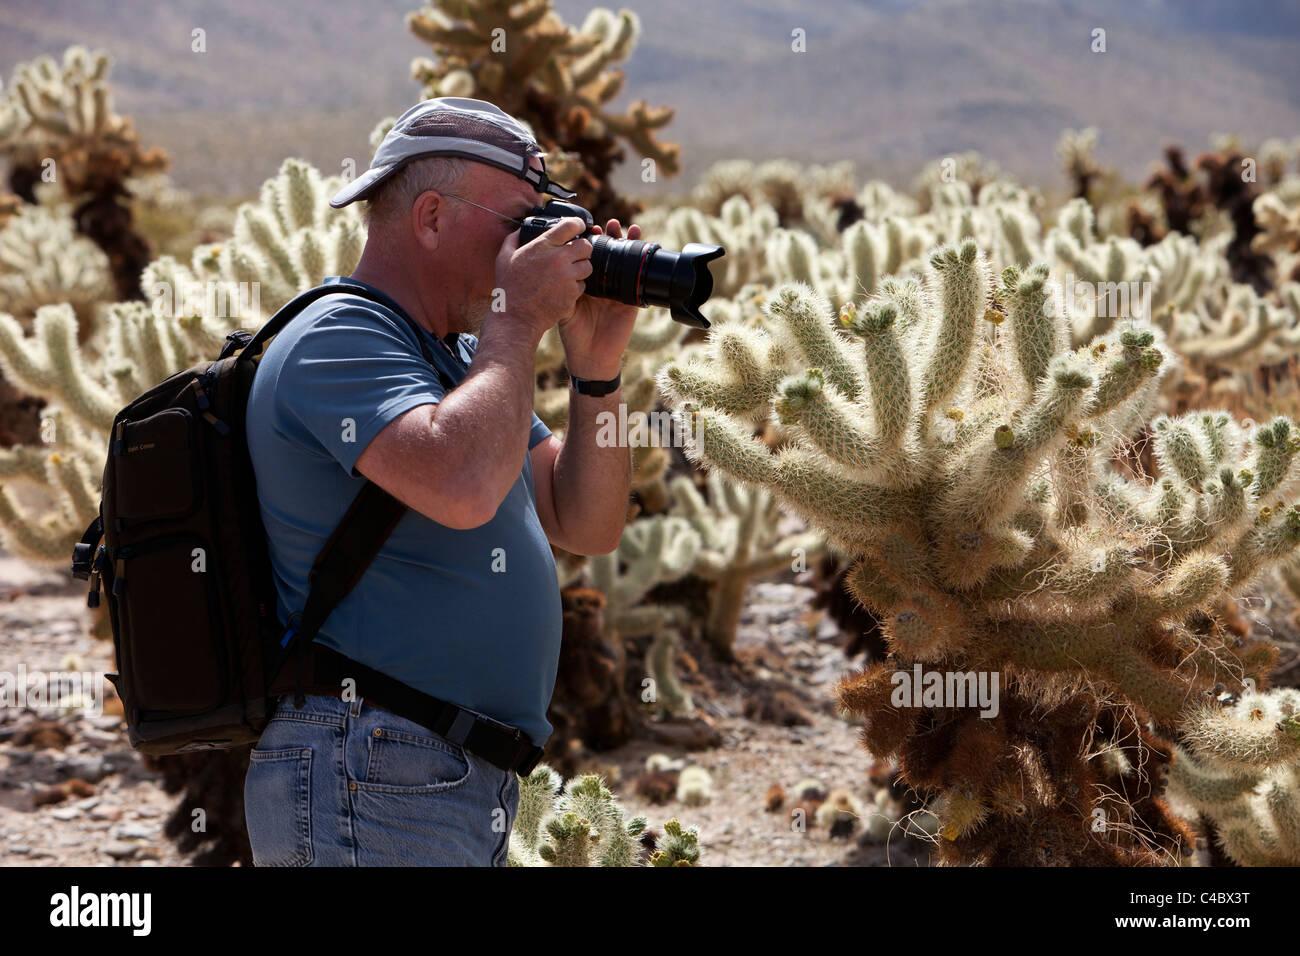 Cactus man stock photos cactus man stock images alamy - Cholla cactus garden joshua tree ...